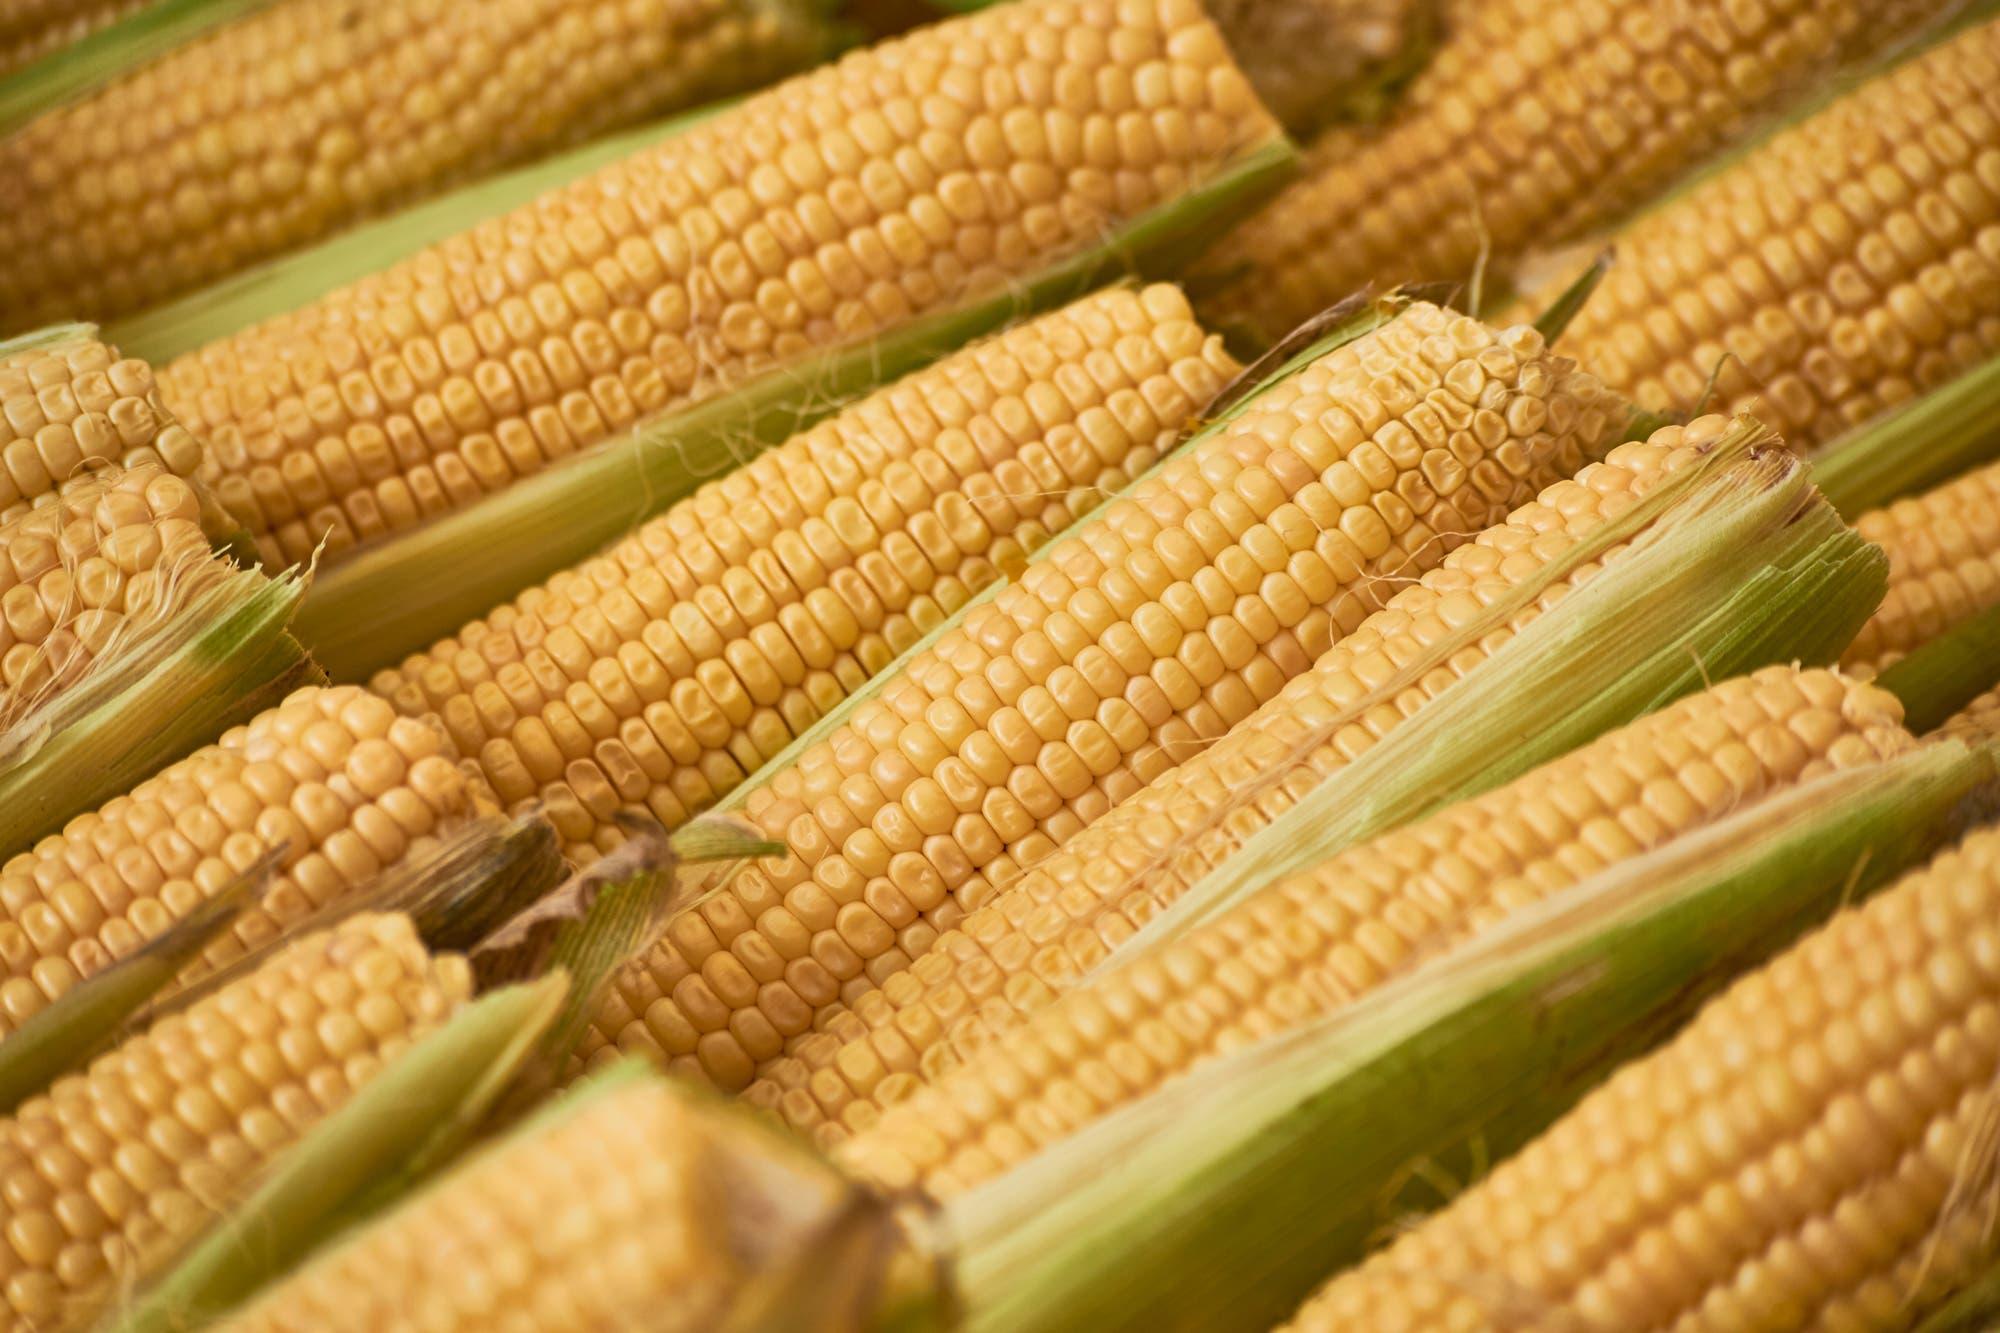 Para el Gobierno, las exportaciones de maíz alcanzaron un récord: 36,5 millones de toneladas